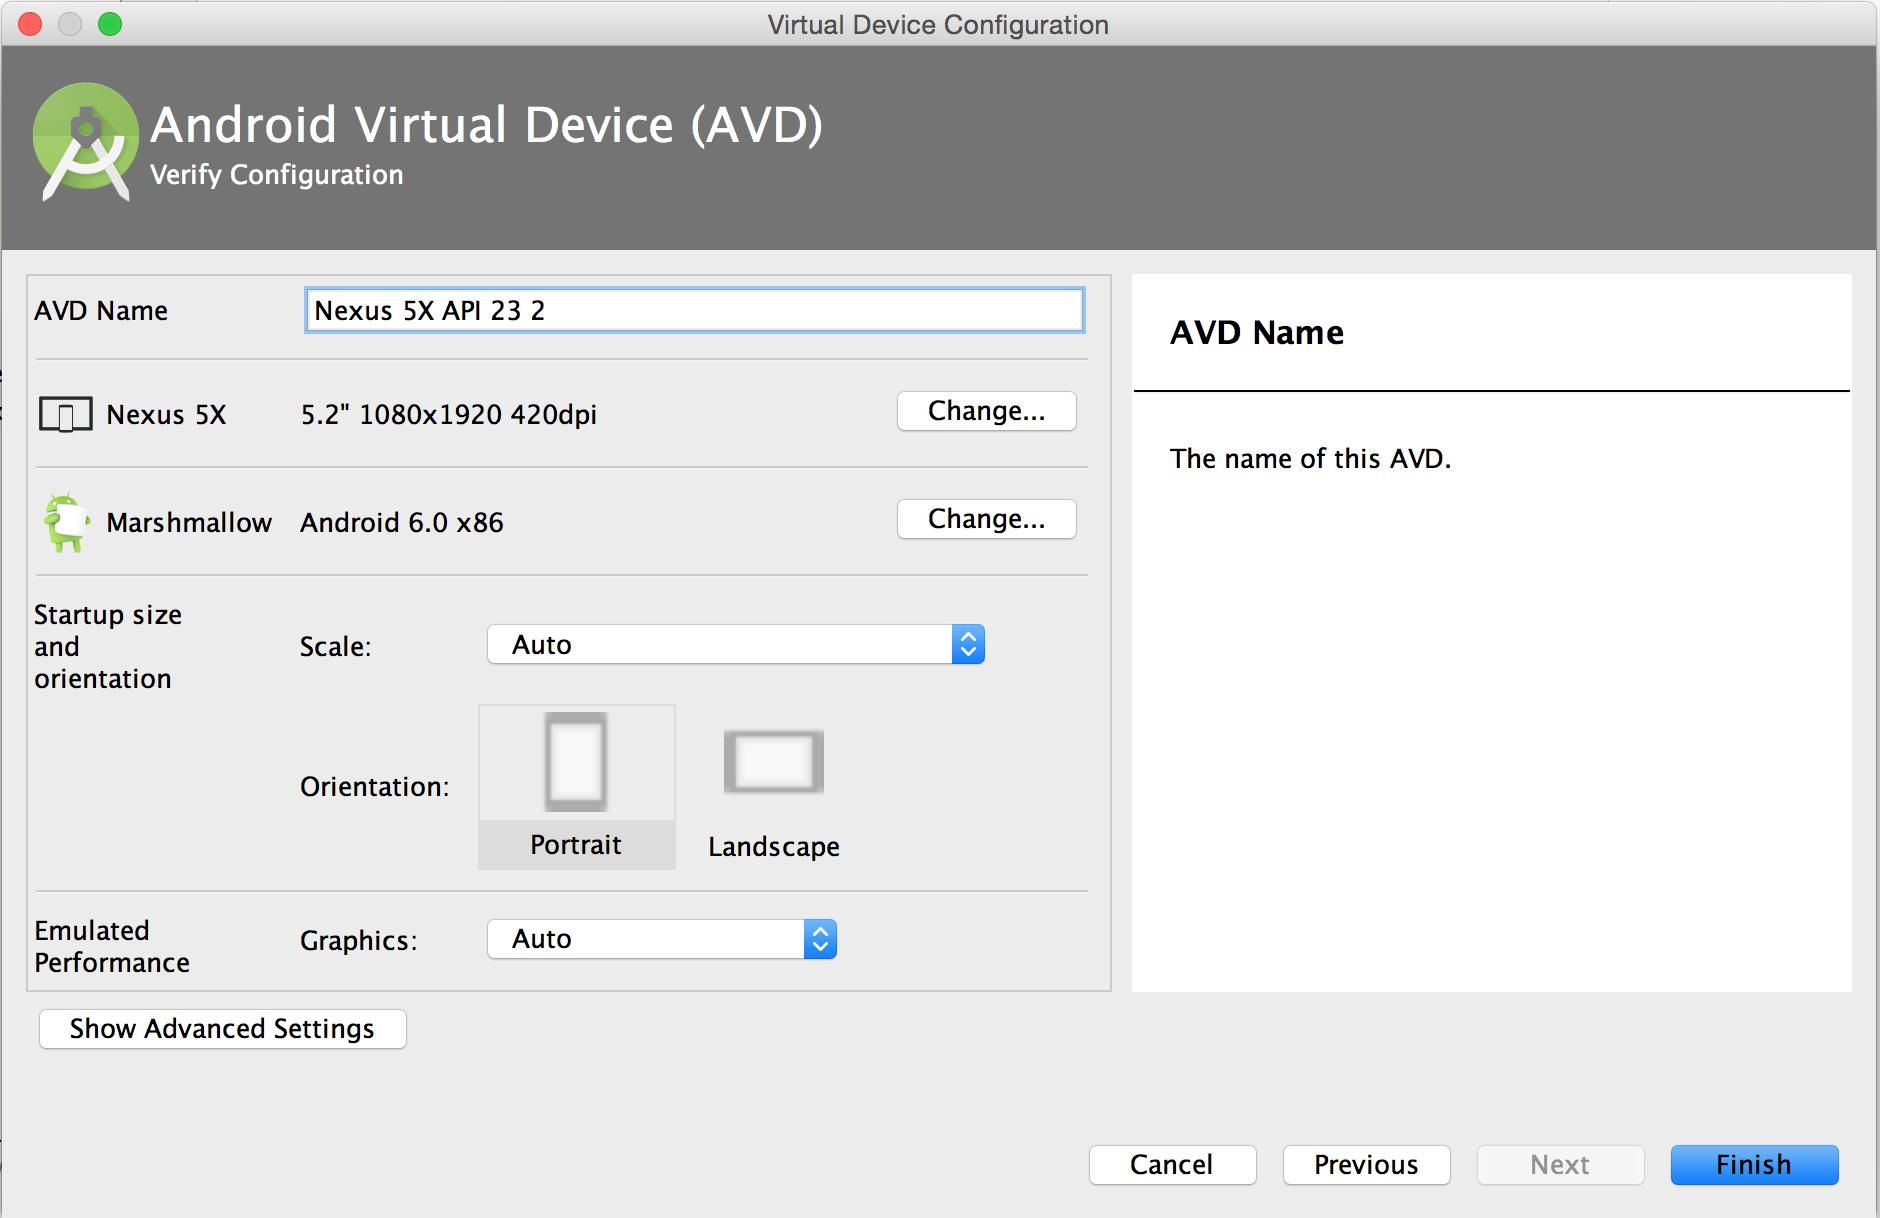 Página Verify Configuration del Administrador de AVD